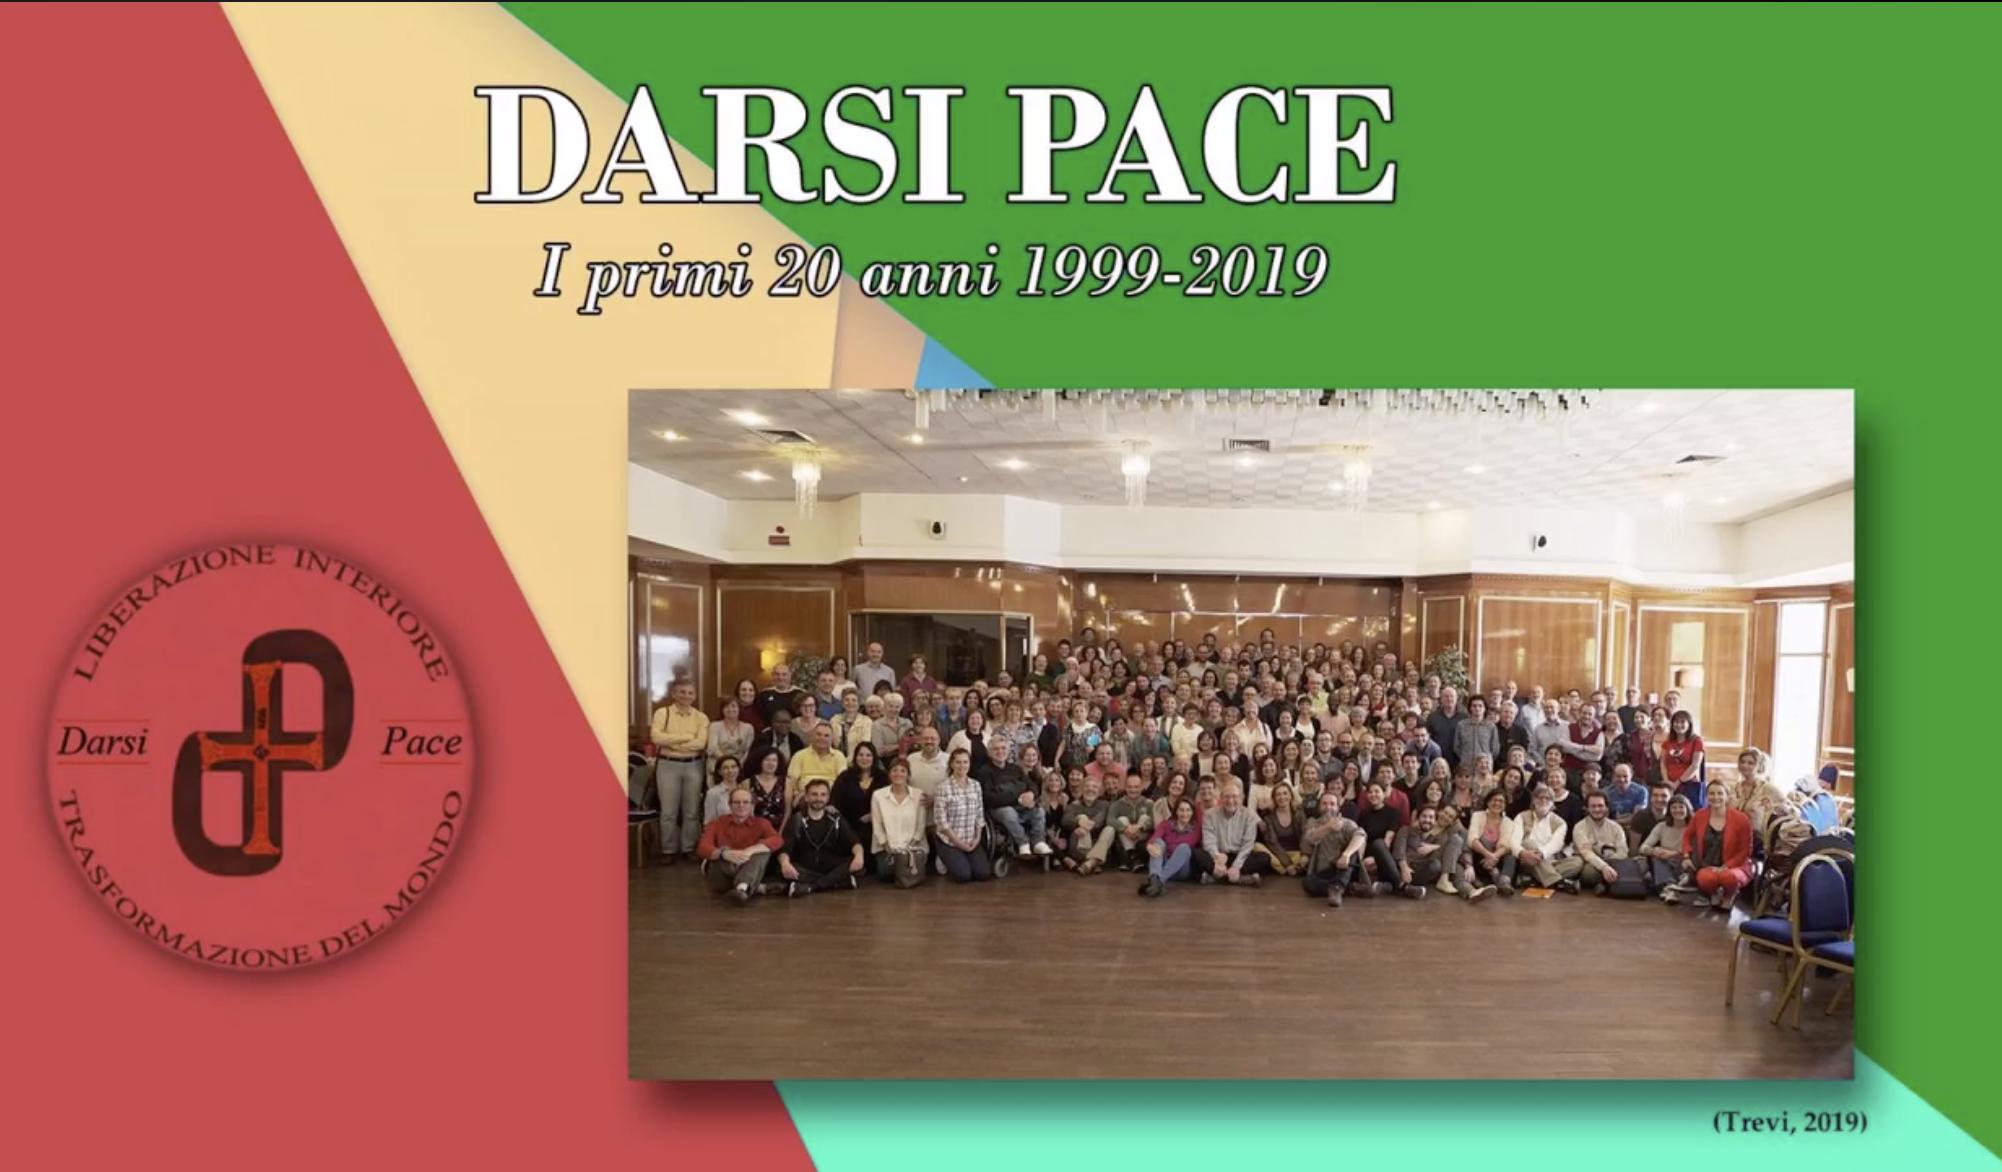 20 anni di Darsi Pace – serata gratuita del 10 ottobre 2019